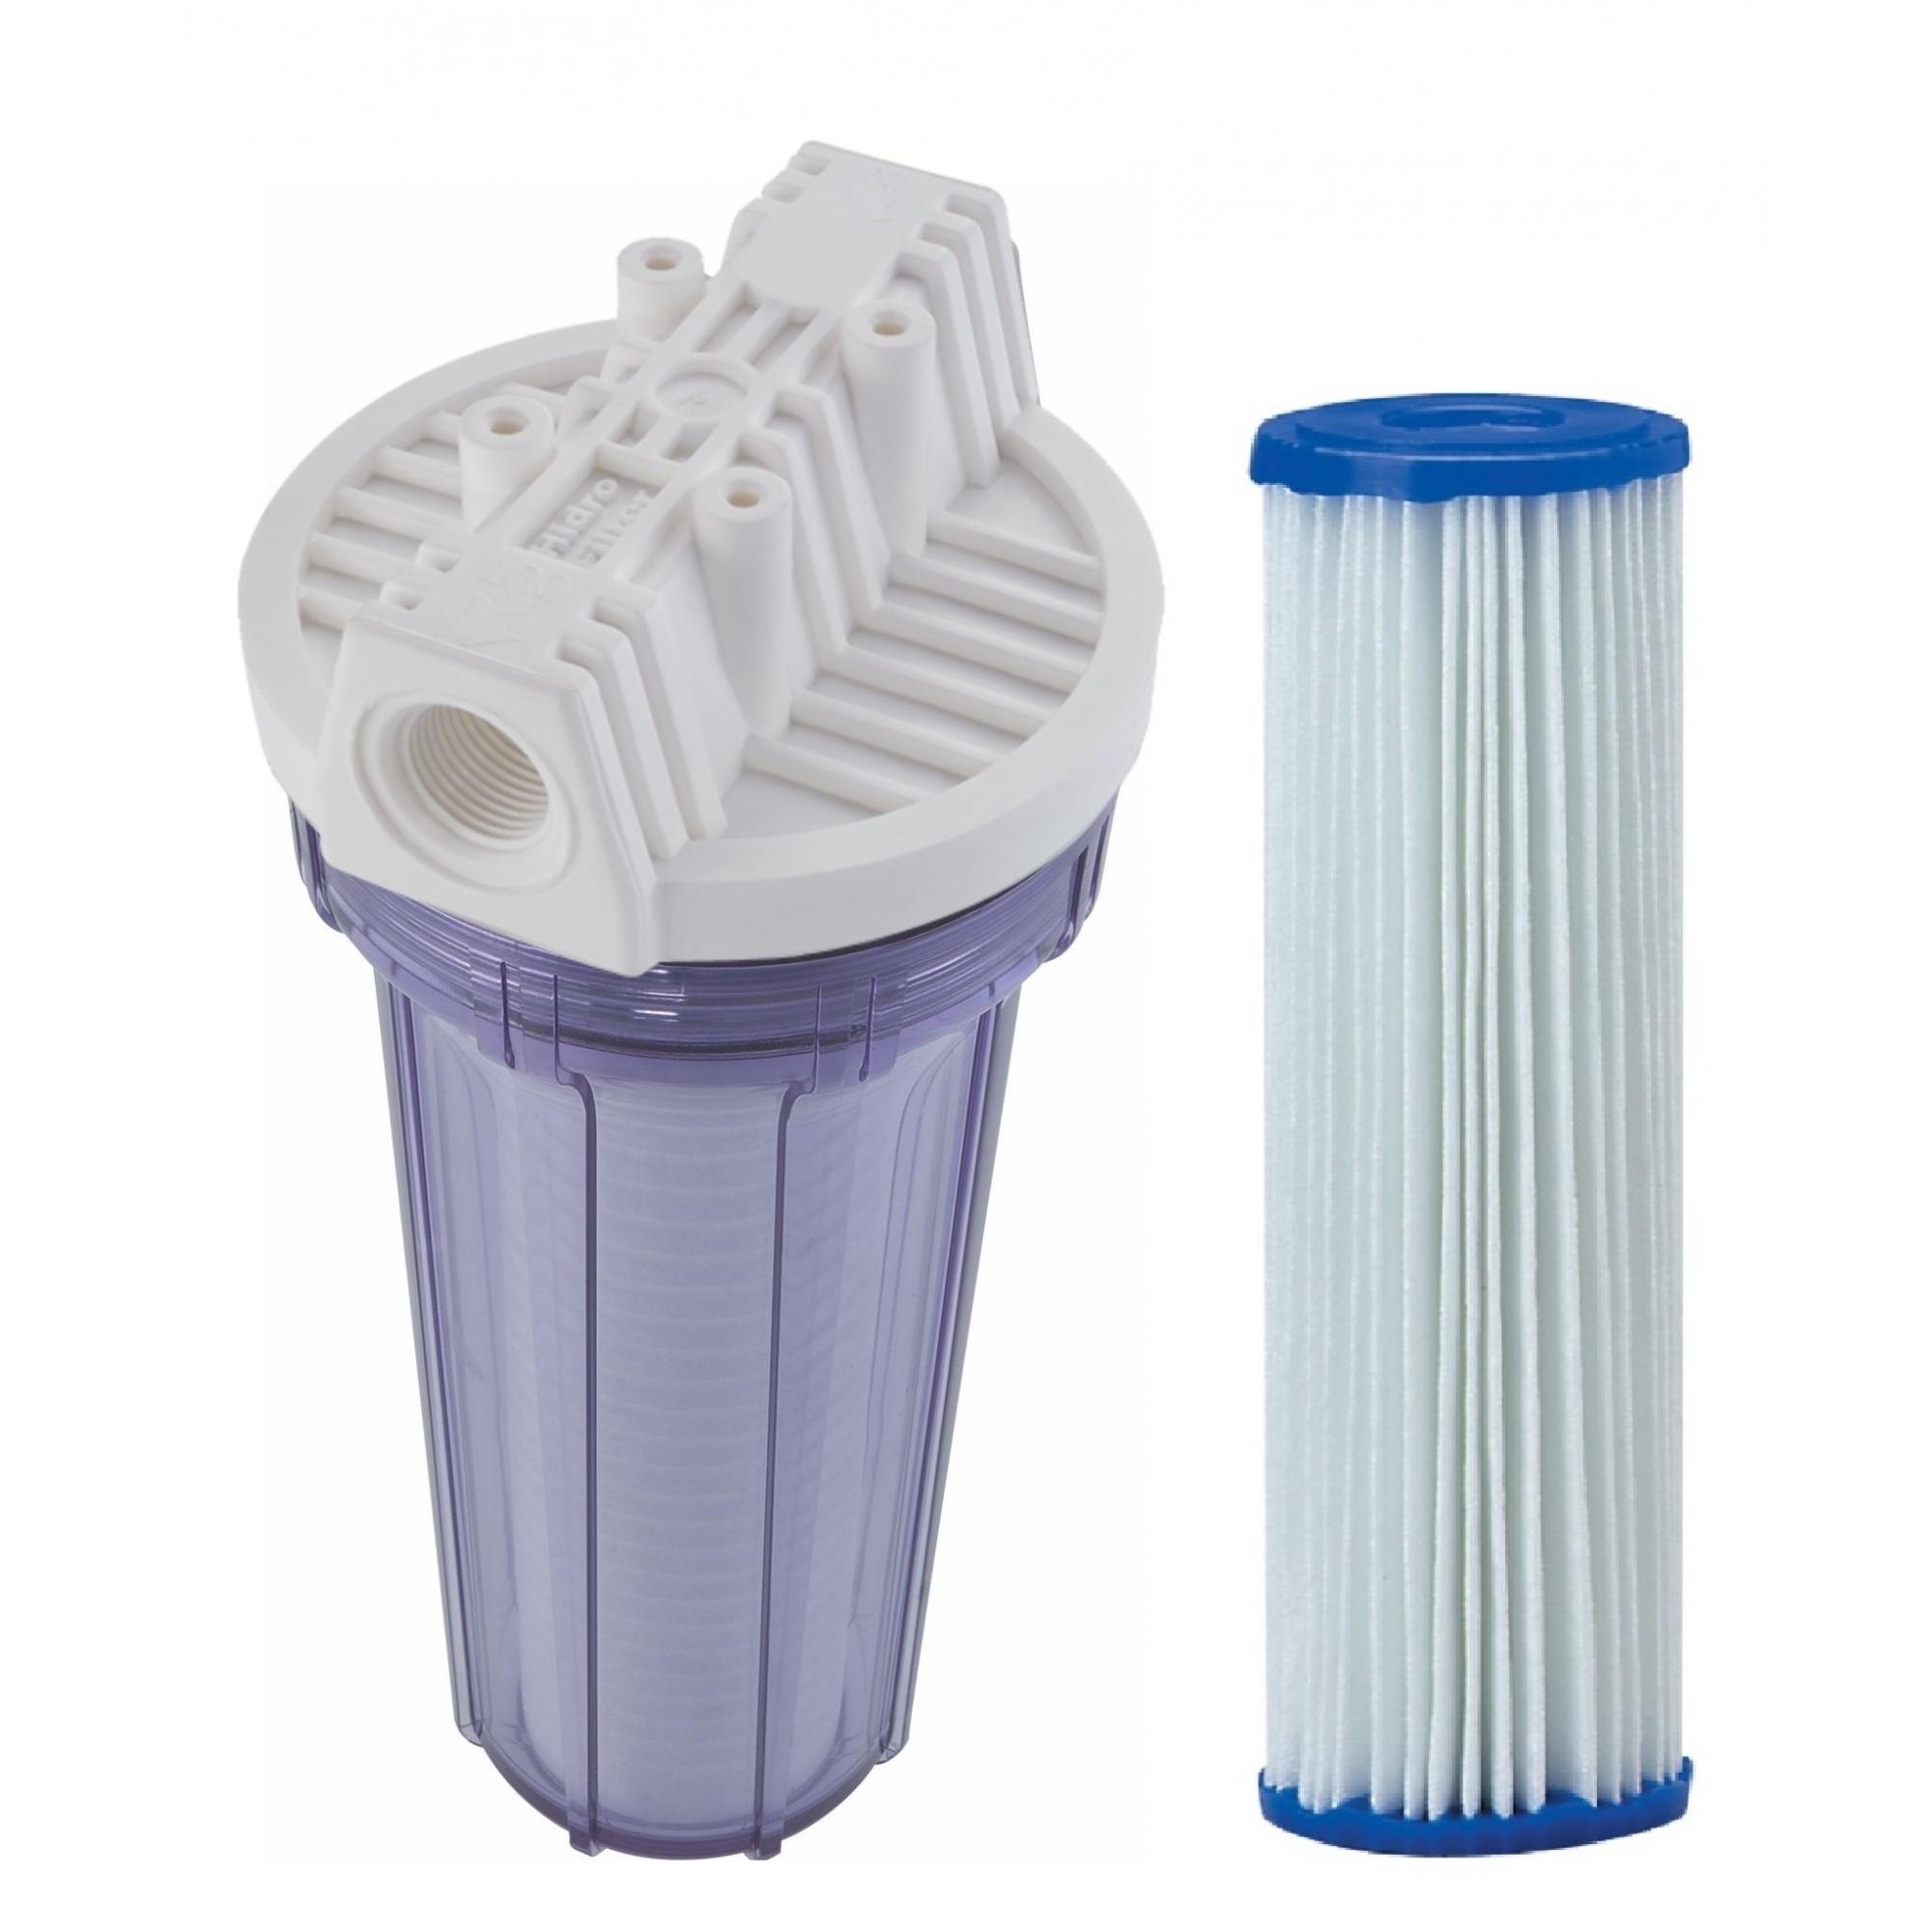 Filtro de água Entrada - POE 10 x 2.1/2 Transparente Plissado Lavável